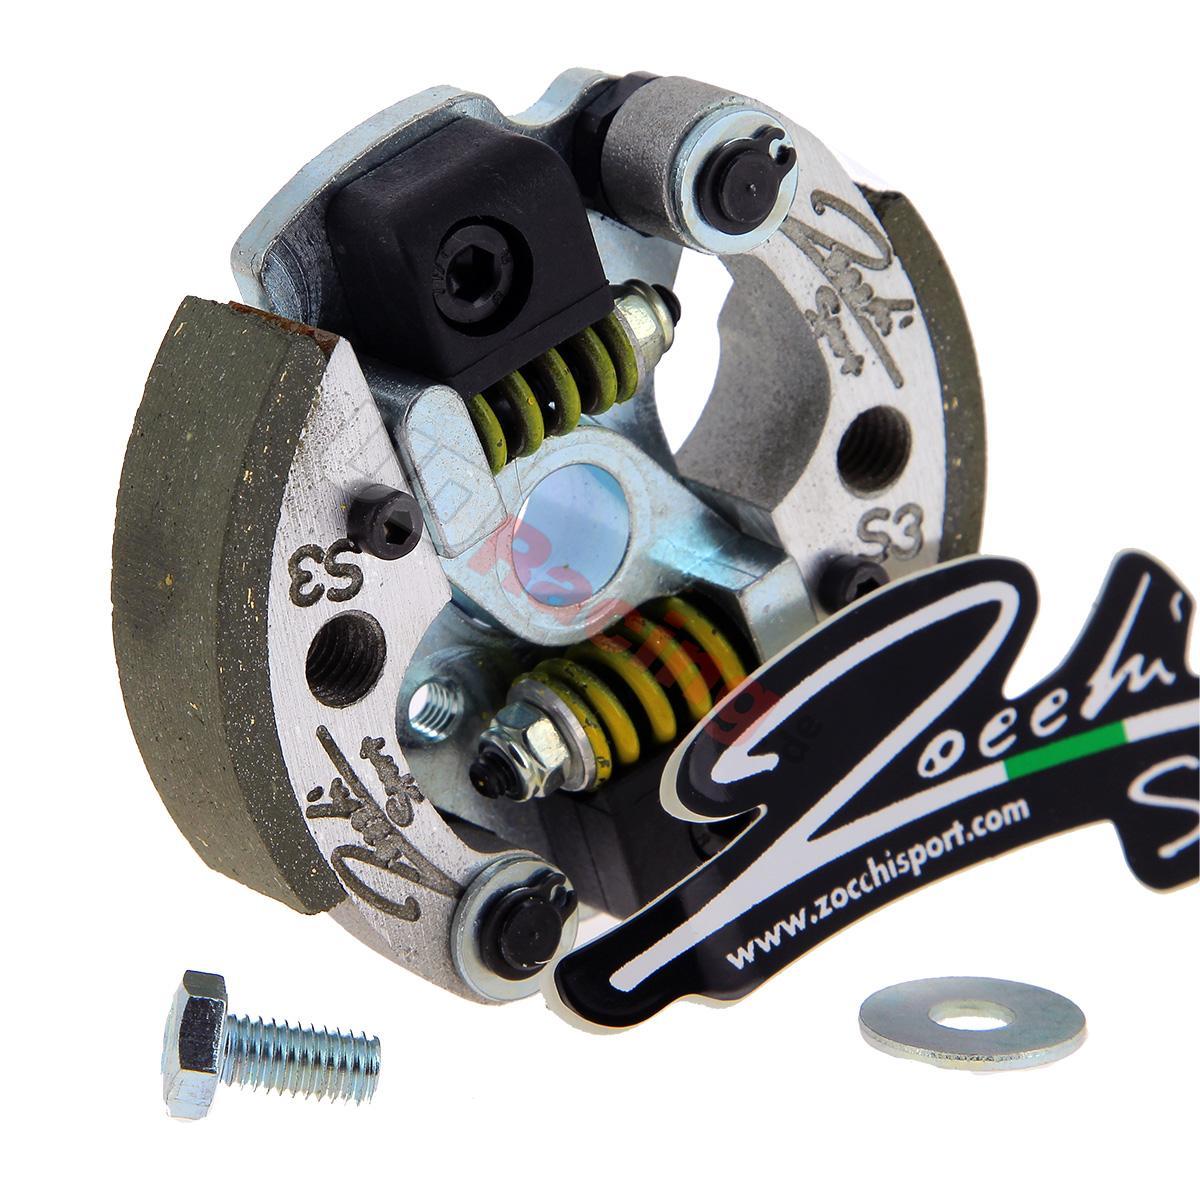 kupplung zocchi spezial f r pocket bike 47 49 ccm. Black Bedroom Furniture Sets. Home Design Ideas